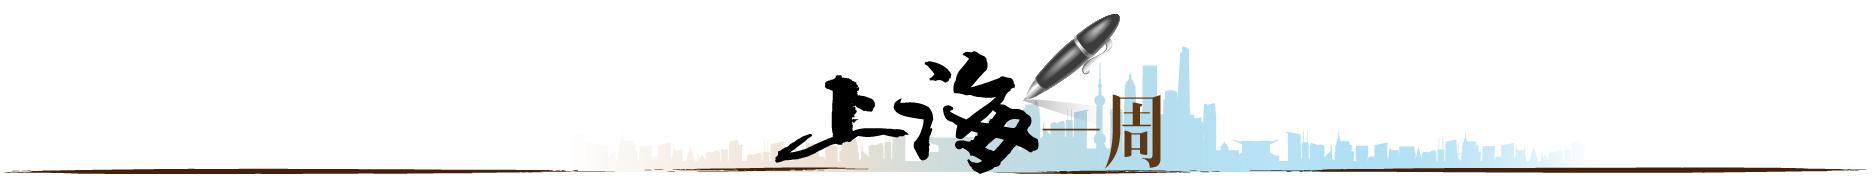 """【上海一周】上海干部的""""必修课"""